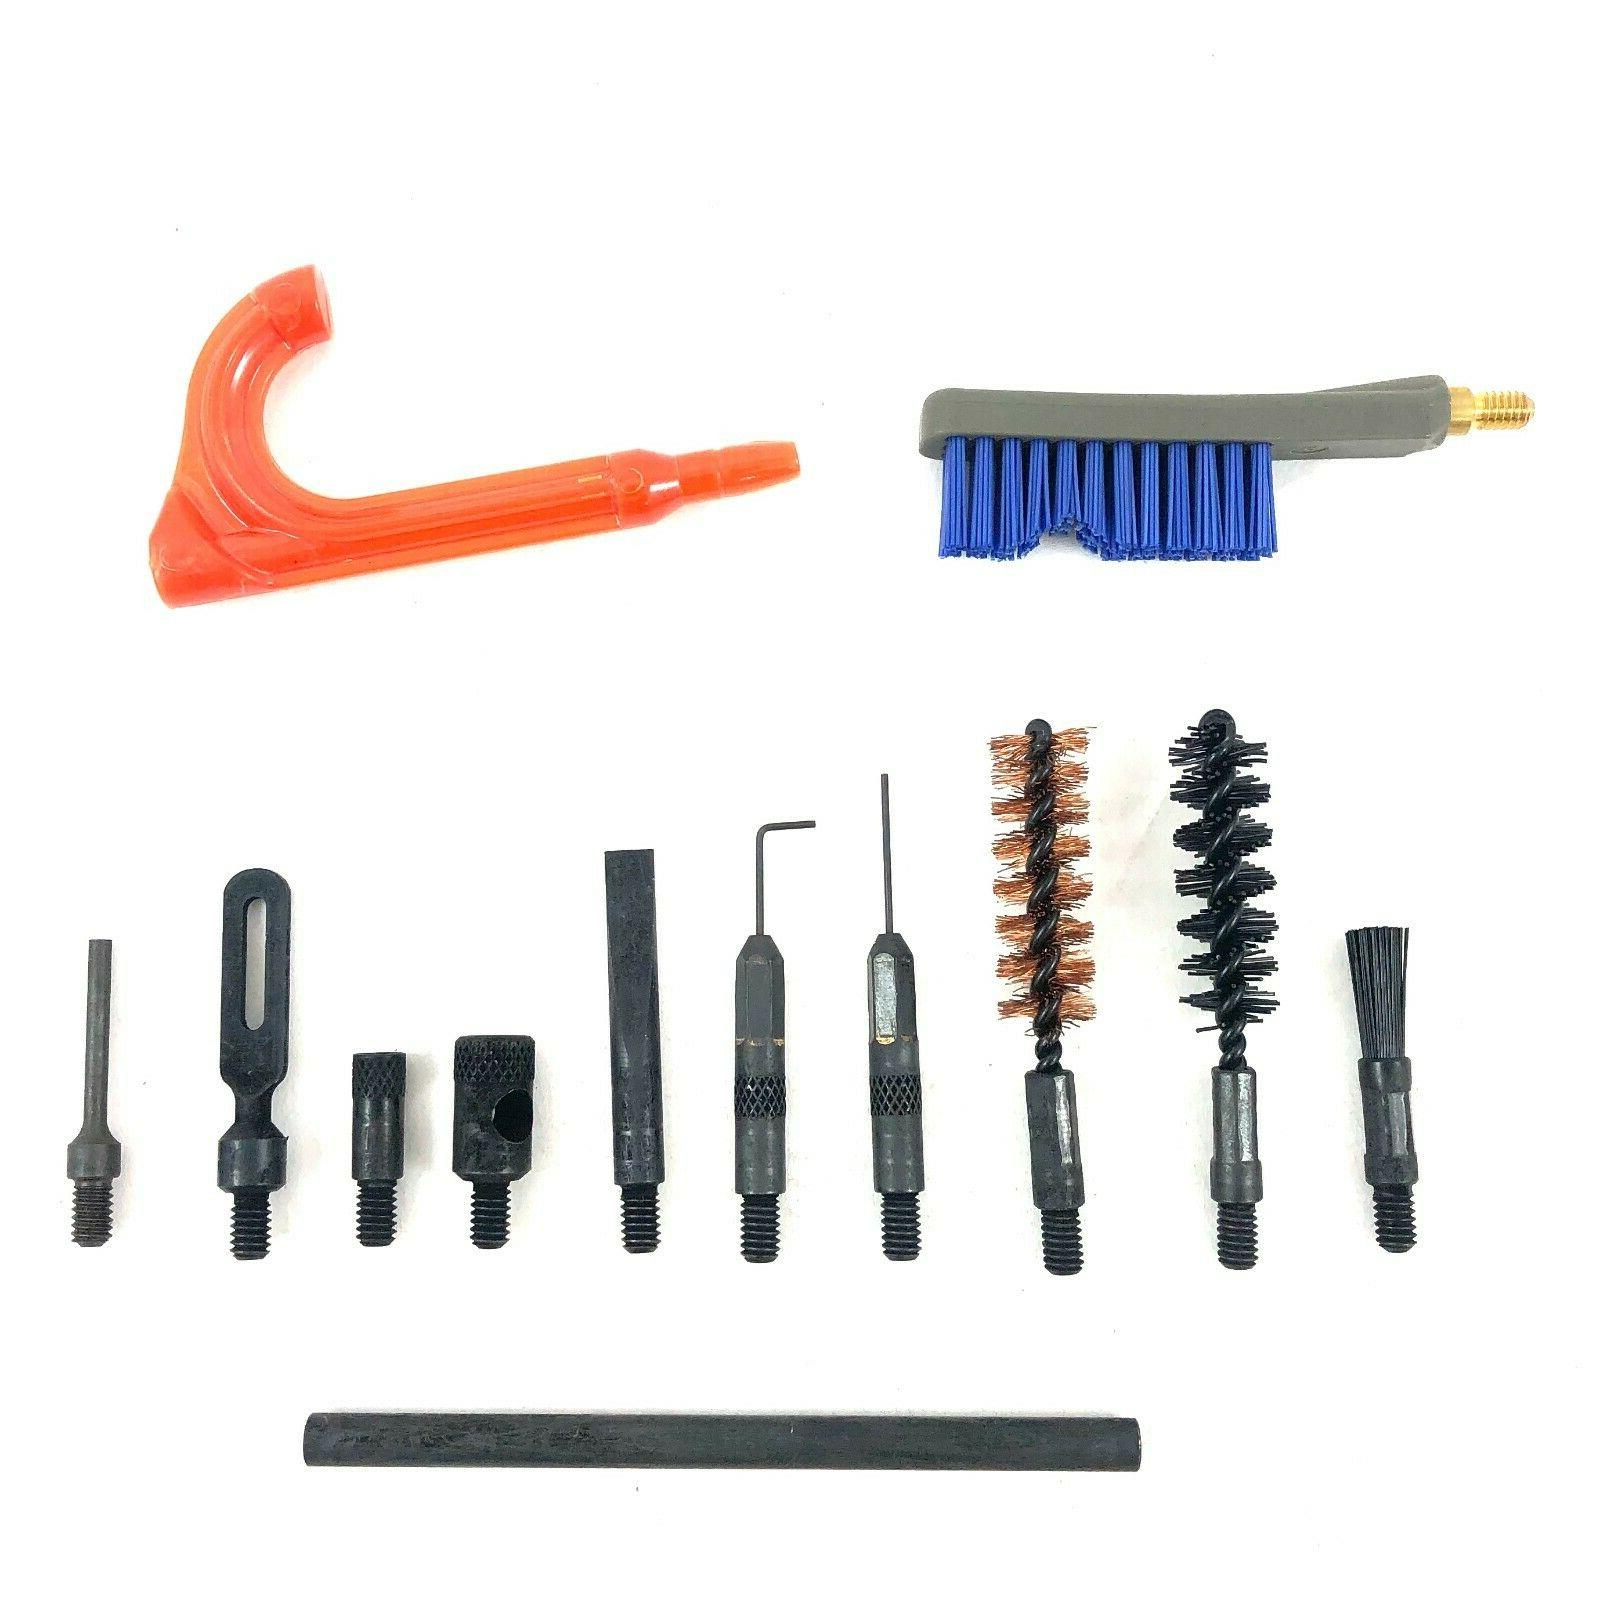 Otis 9mm Pistol Kit, Coyote Military Handgun Cleaning System